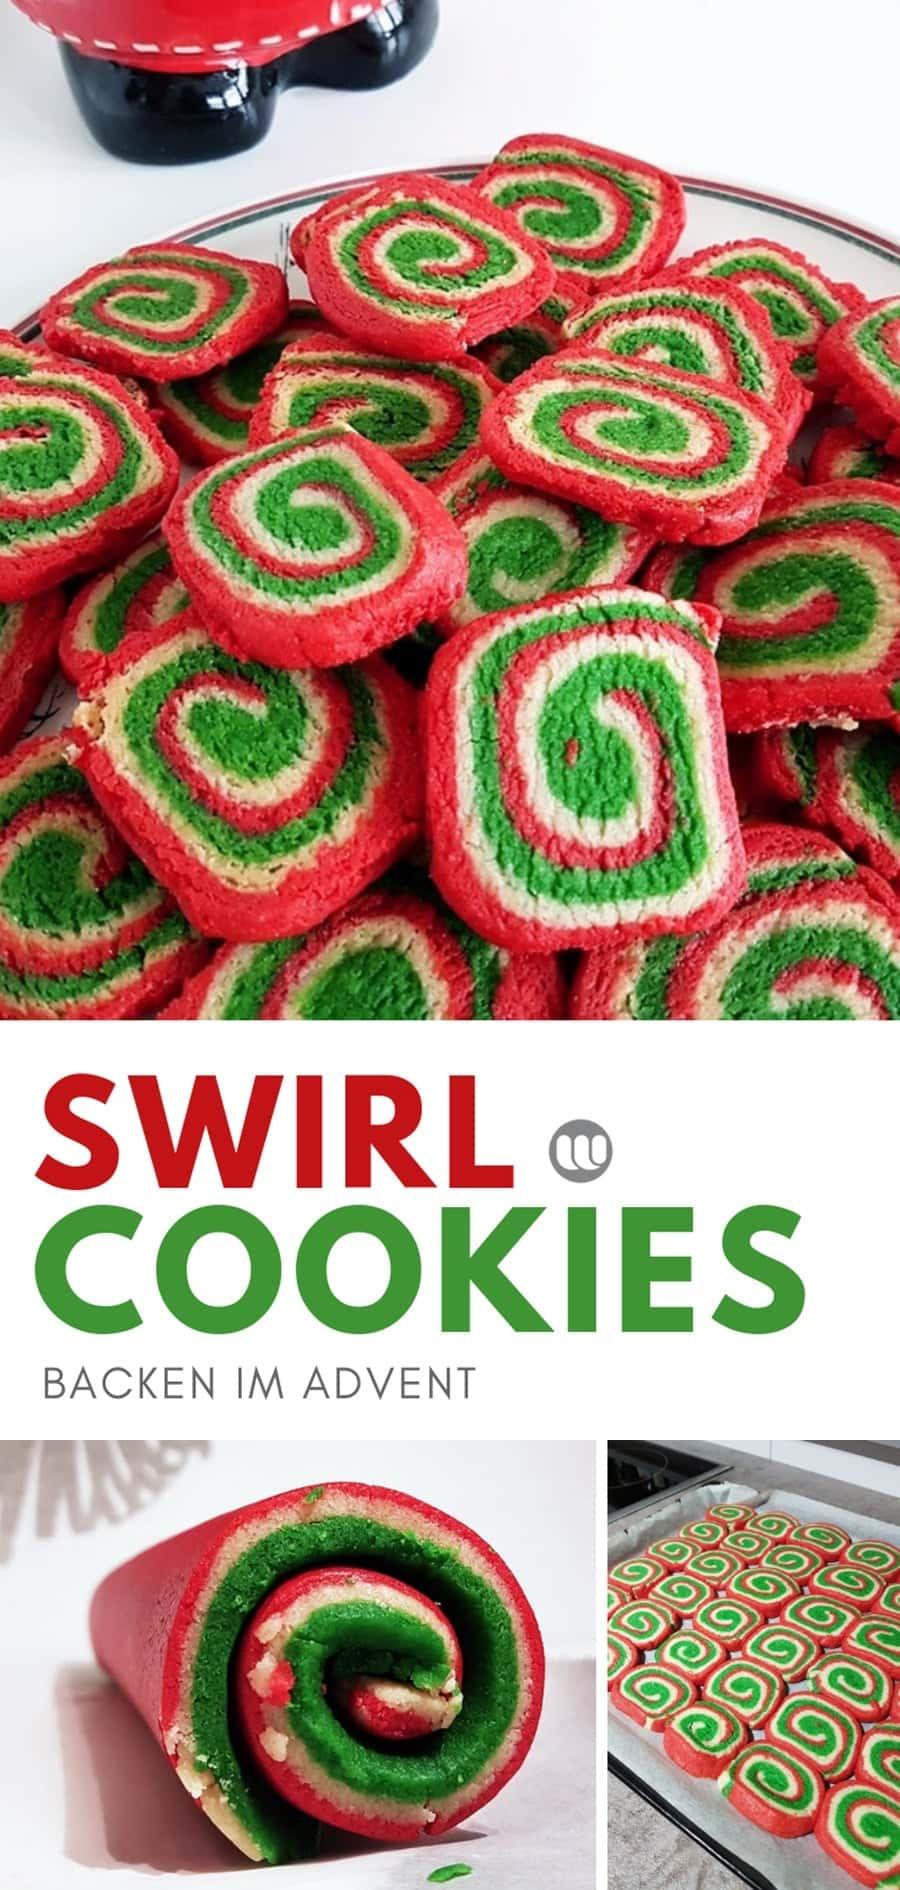 Swirl Kekse selber backen: Bunte Swirl-Cookie Rezept zu Weihnachten #Swirl_Cookies #Rezept #Weihnachten #Spiralkekse #backen